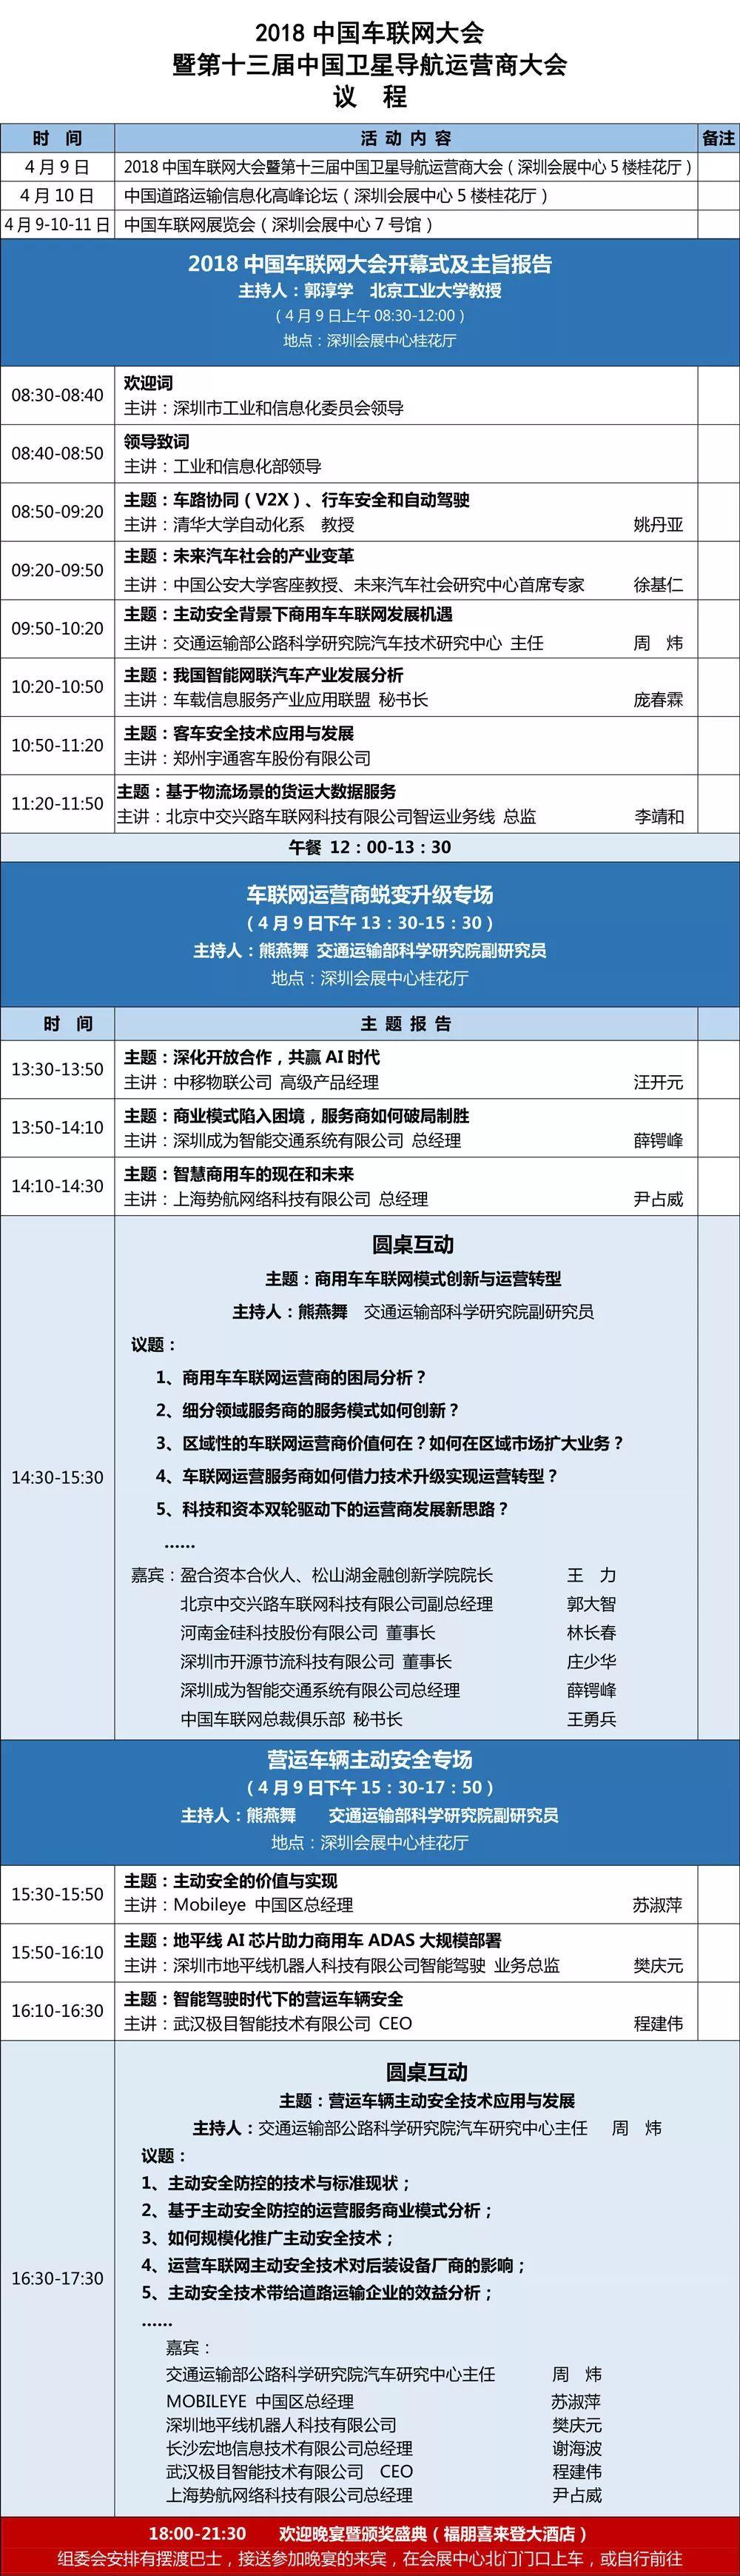 2018中国车联网大会议程(4.9)